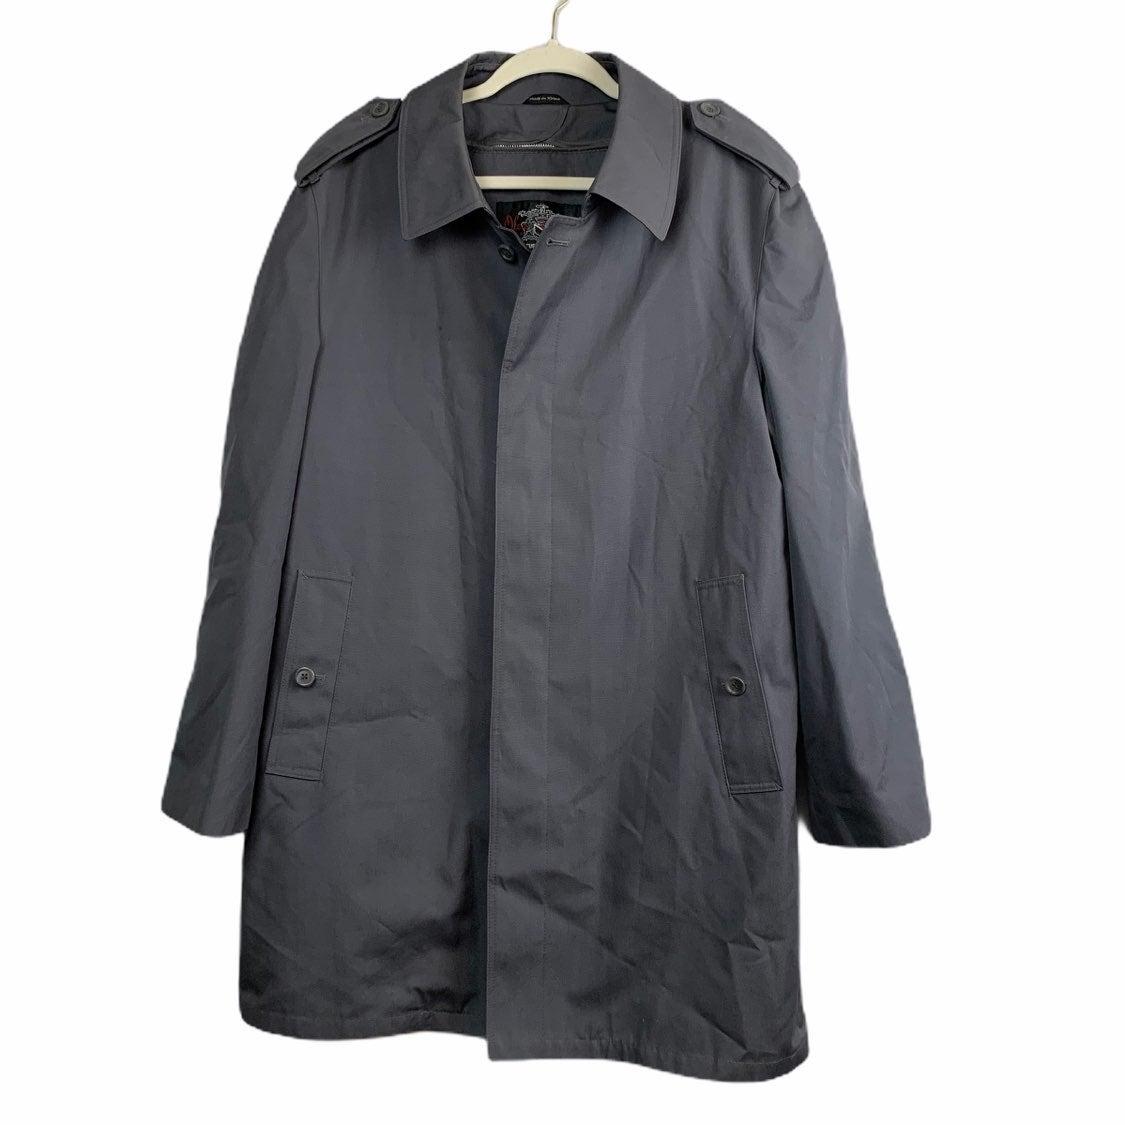 Oleg Cassini Men's Gray Trench Coat 40R